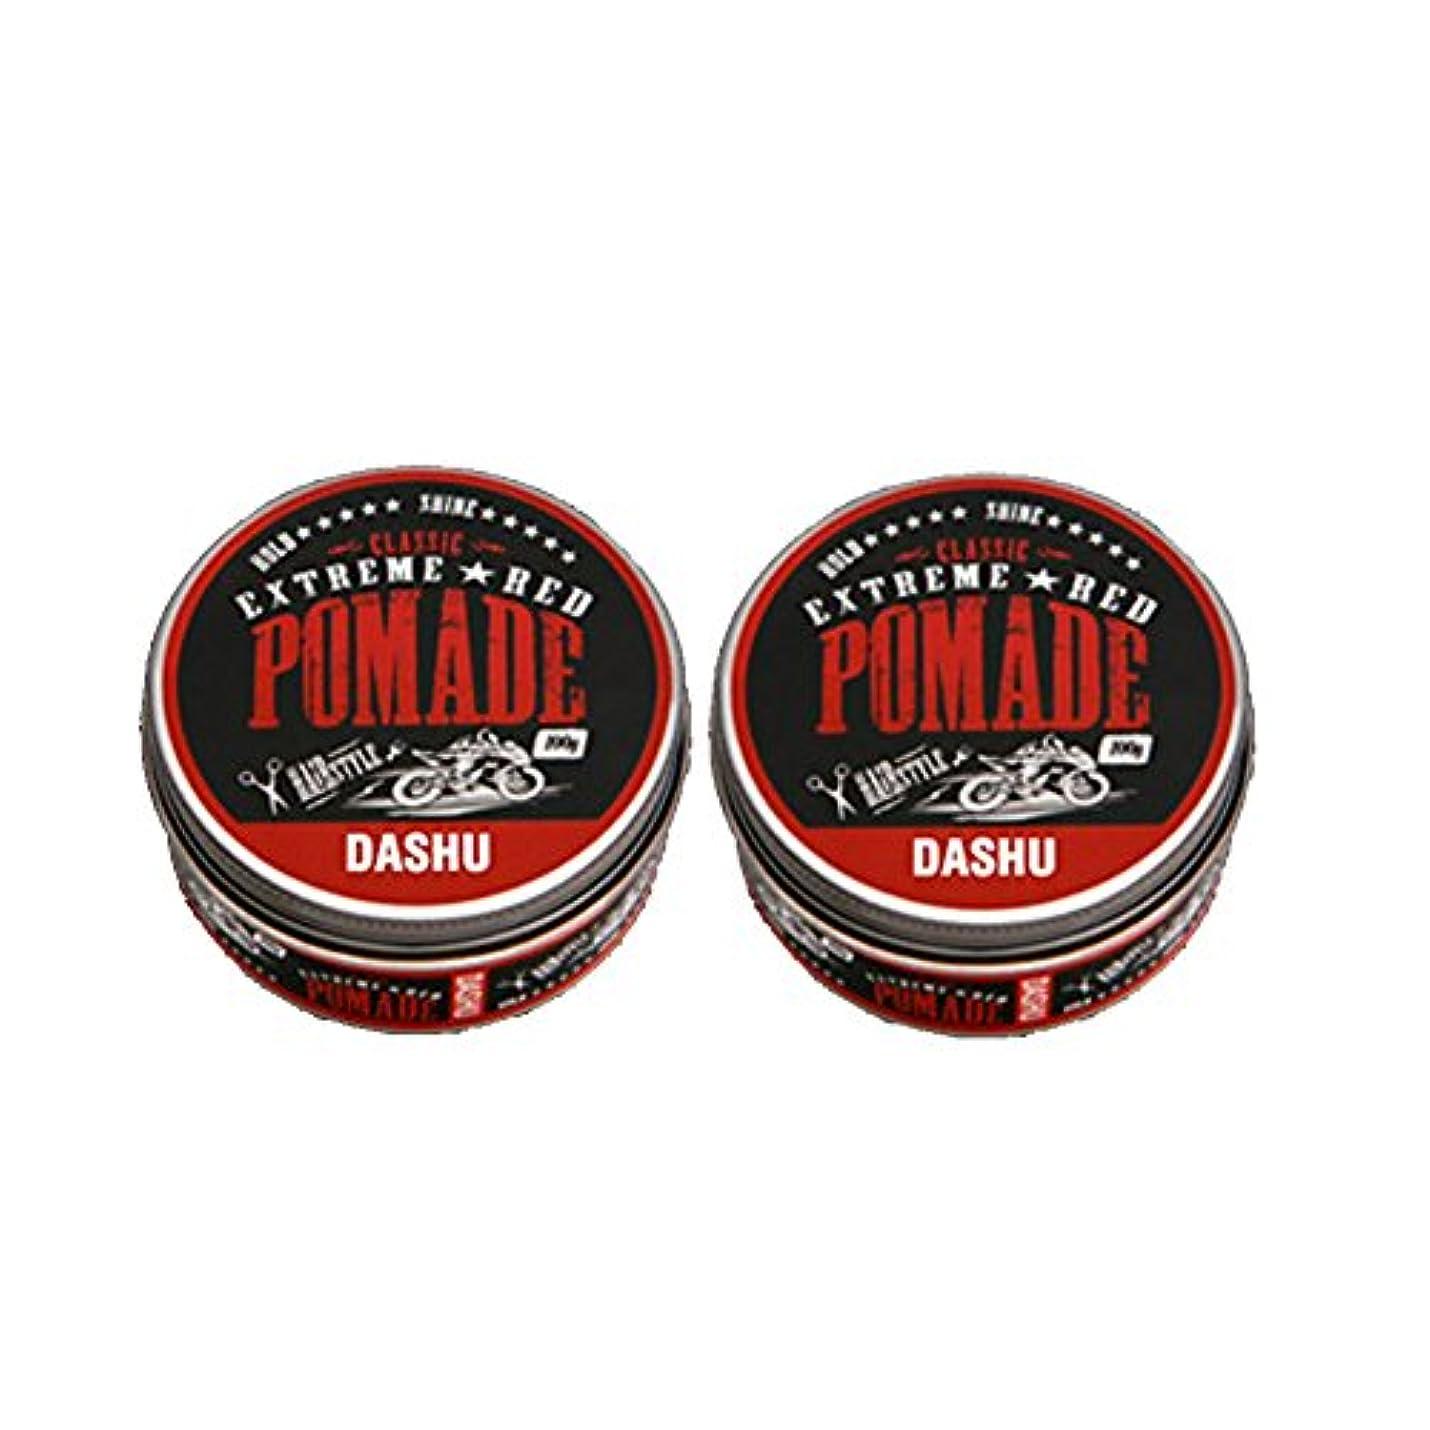 試みる硬さ側(2個セット) x [DASHU] ダシュ クラシックエクストリームレッドポマード Classic Extreme Red Pomade Hair Wax 100ml / 韓国製 . 韓国直送品